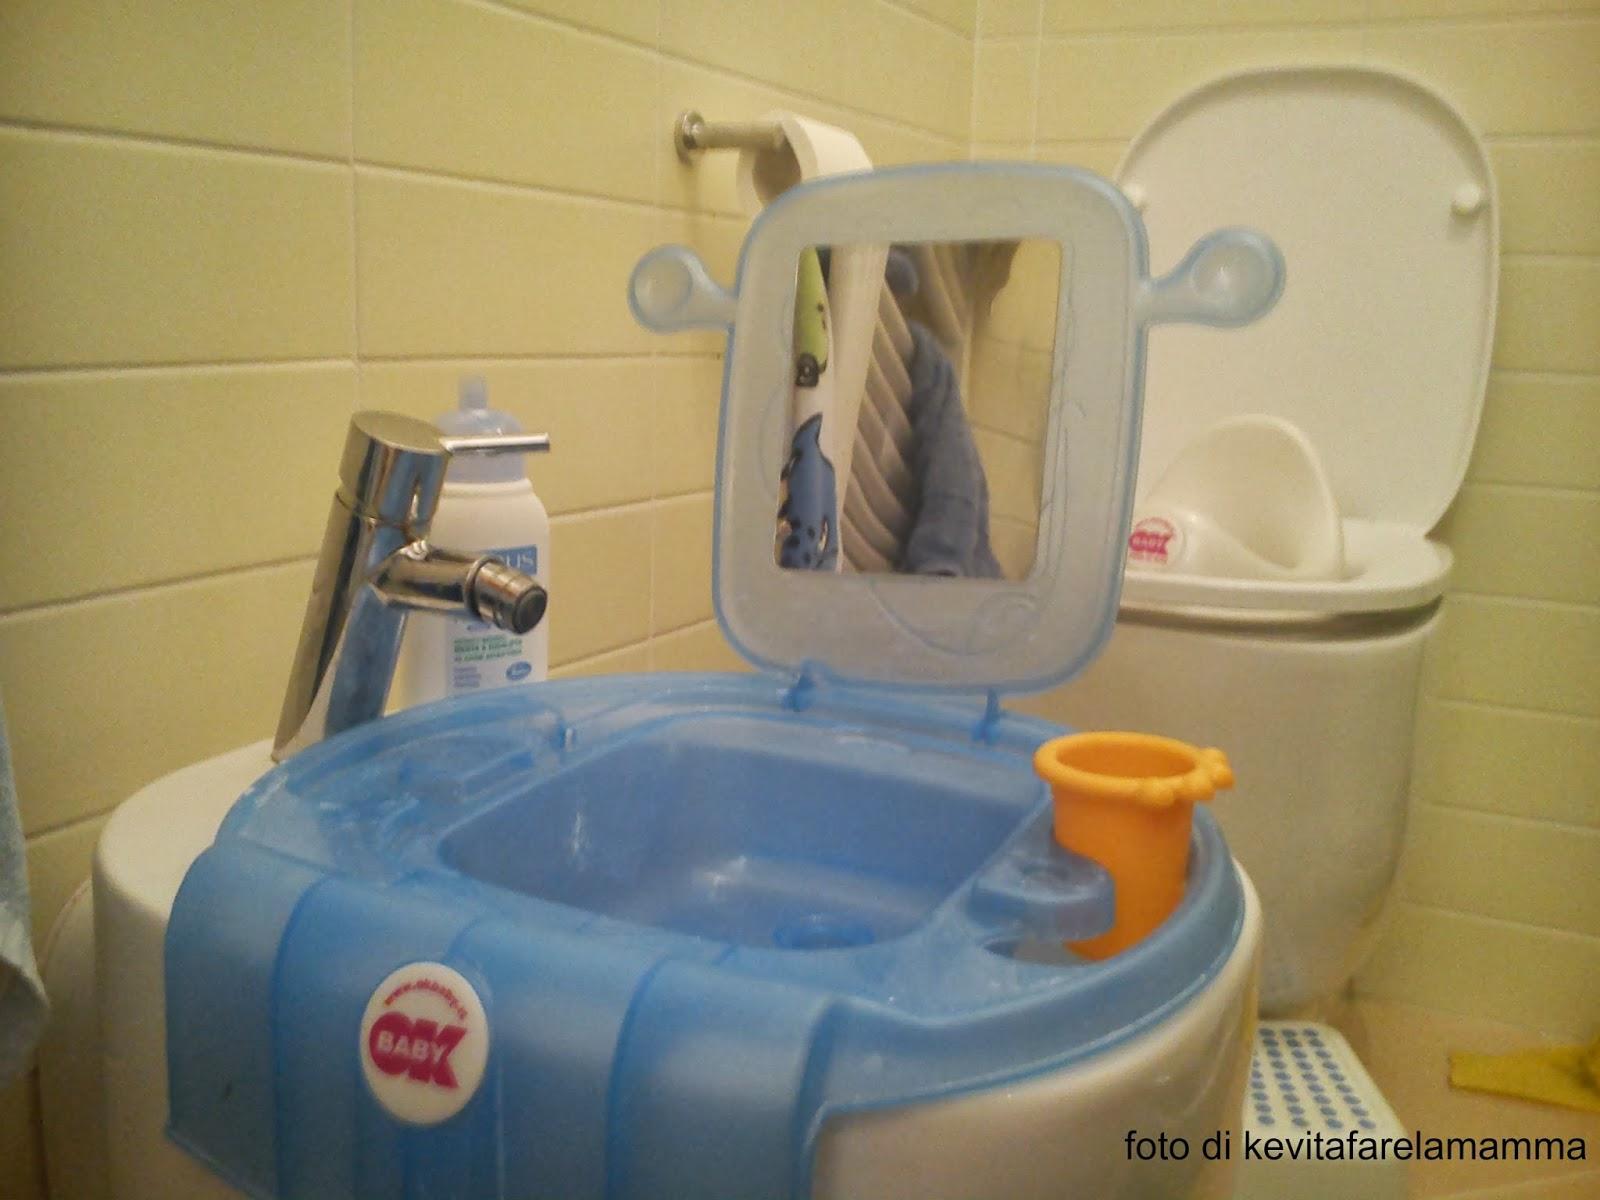 Chi fa da s fa per tre anche in bagno ok baby space mini lavabo kevitafarelamamma - Supposte per andare in bagno ...